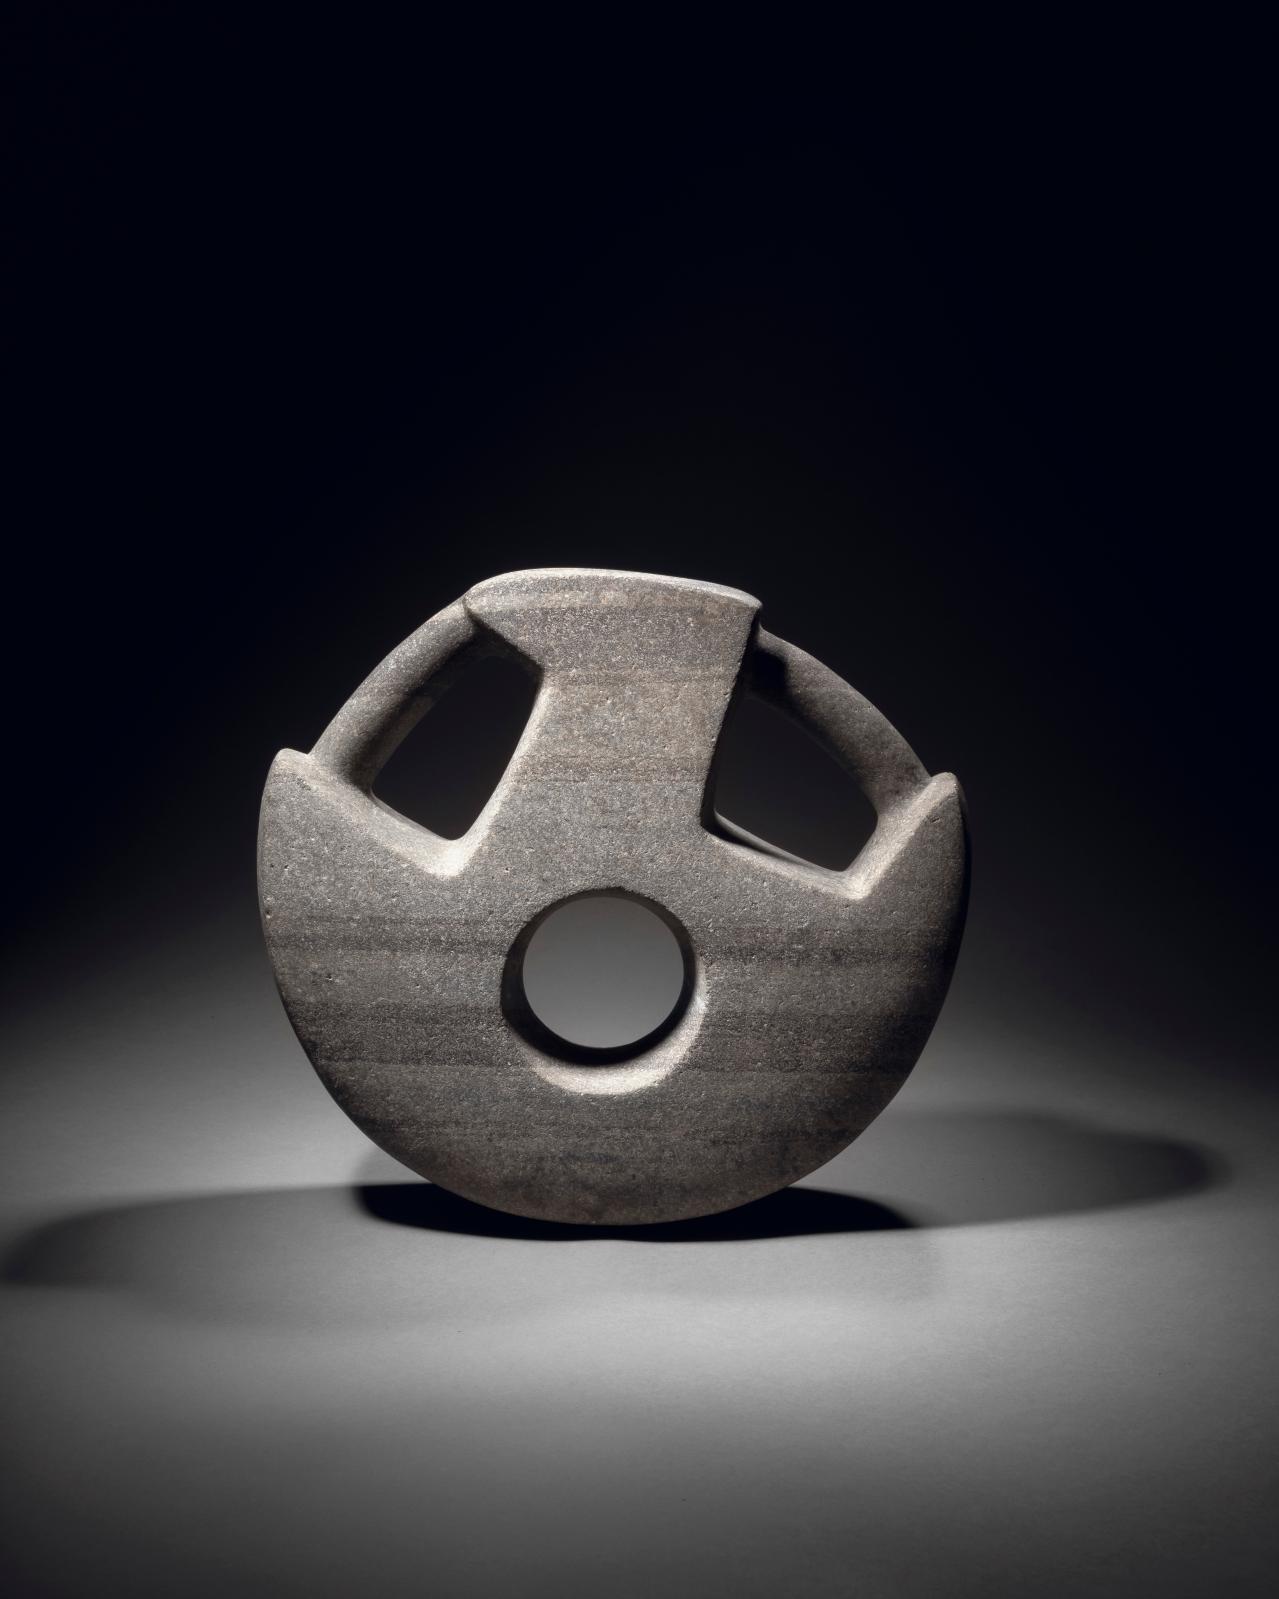 Culture veracruz, golfe du Mexique, 300-600 apr. J.-C. Manopla, dit «cadenas», pierre grise, h. 28,9, l. 30,8cm. Estimation: 40000/50000€